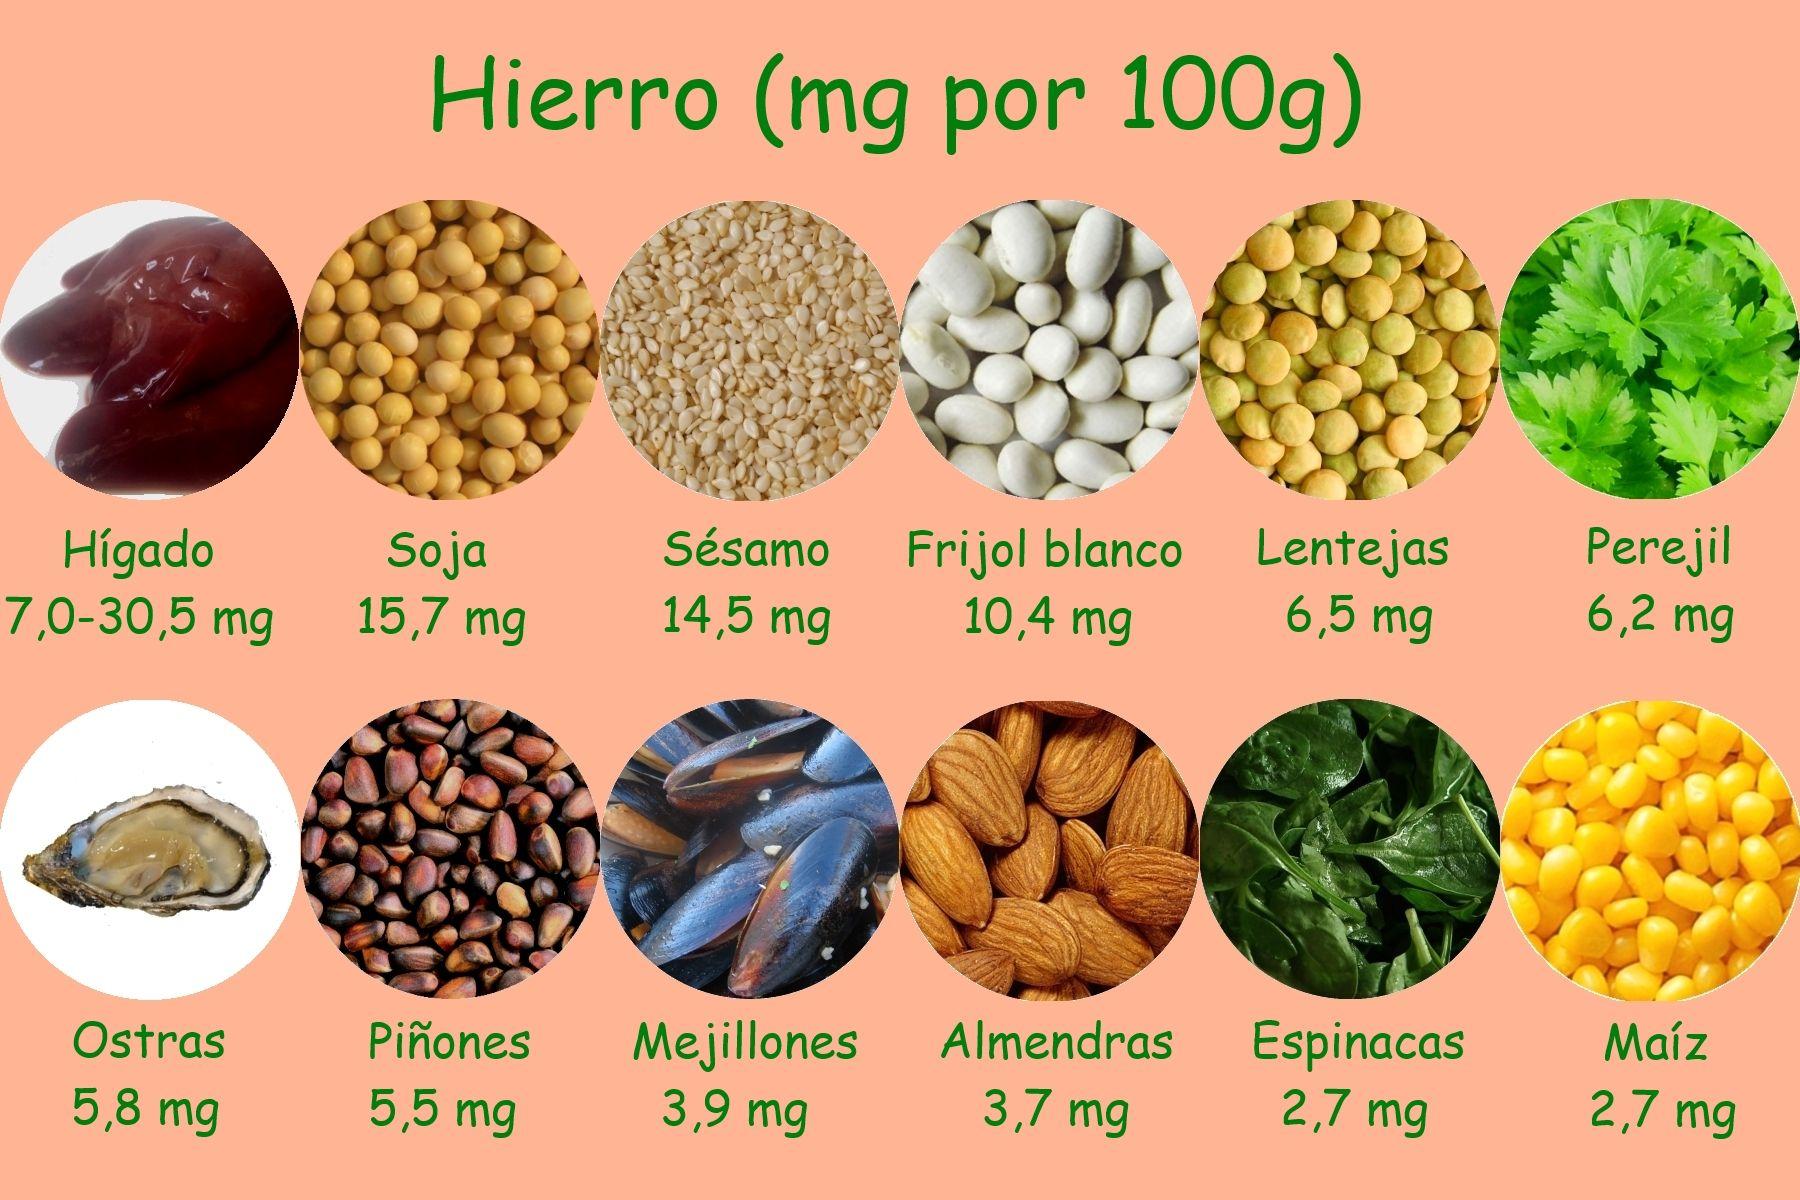 Como Aumentar La Absorcion Del Hierro Presente En Los Alimentos Alimentos Ricos En Hierro Alimentos Con Hierro Comida Con Hierro